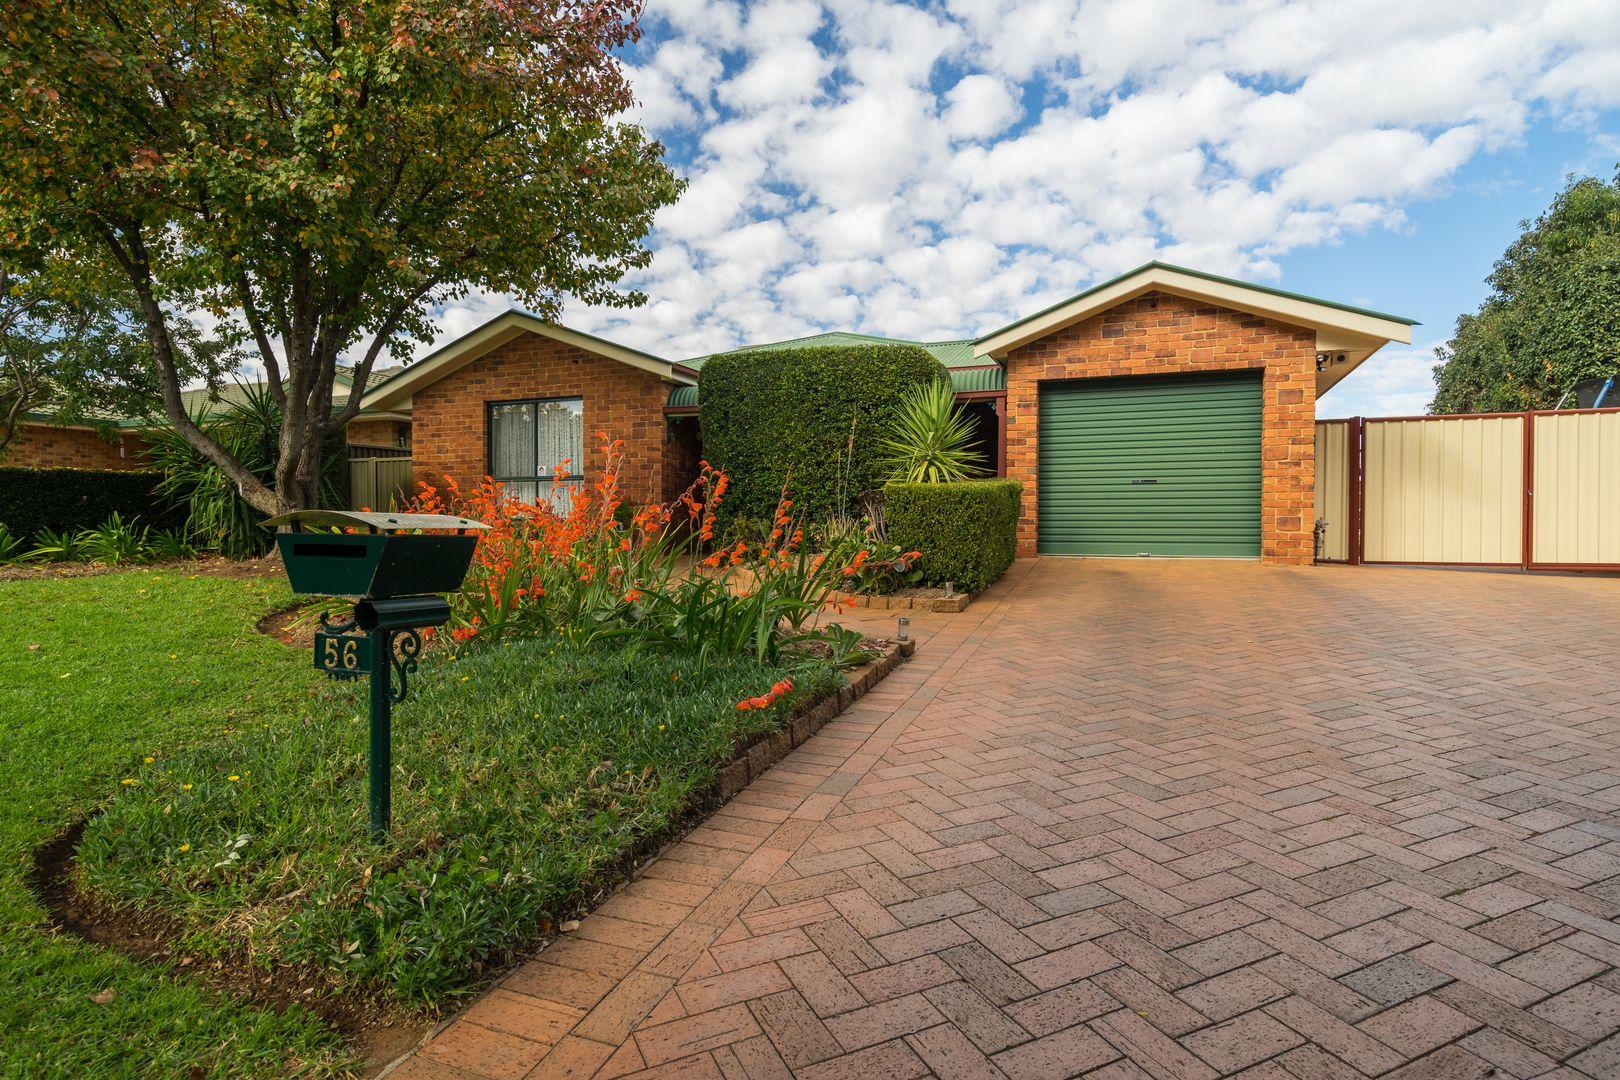 56 Twickenham Drive, Dubbo NSW 2830, Image 0